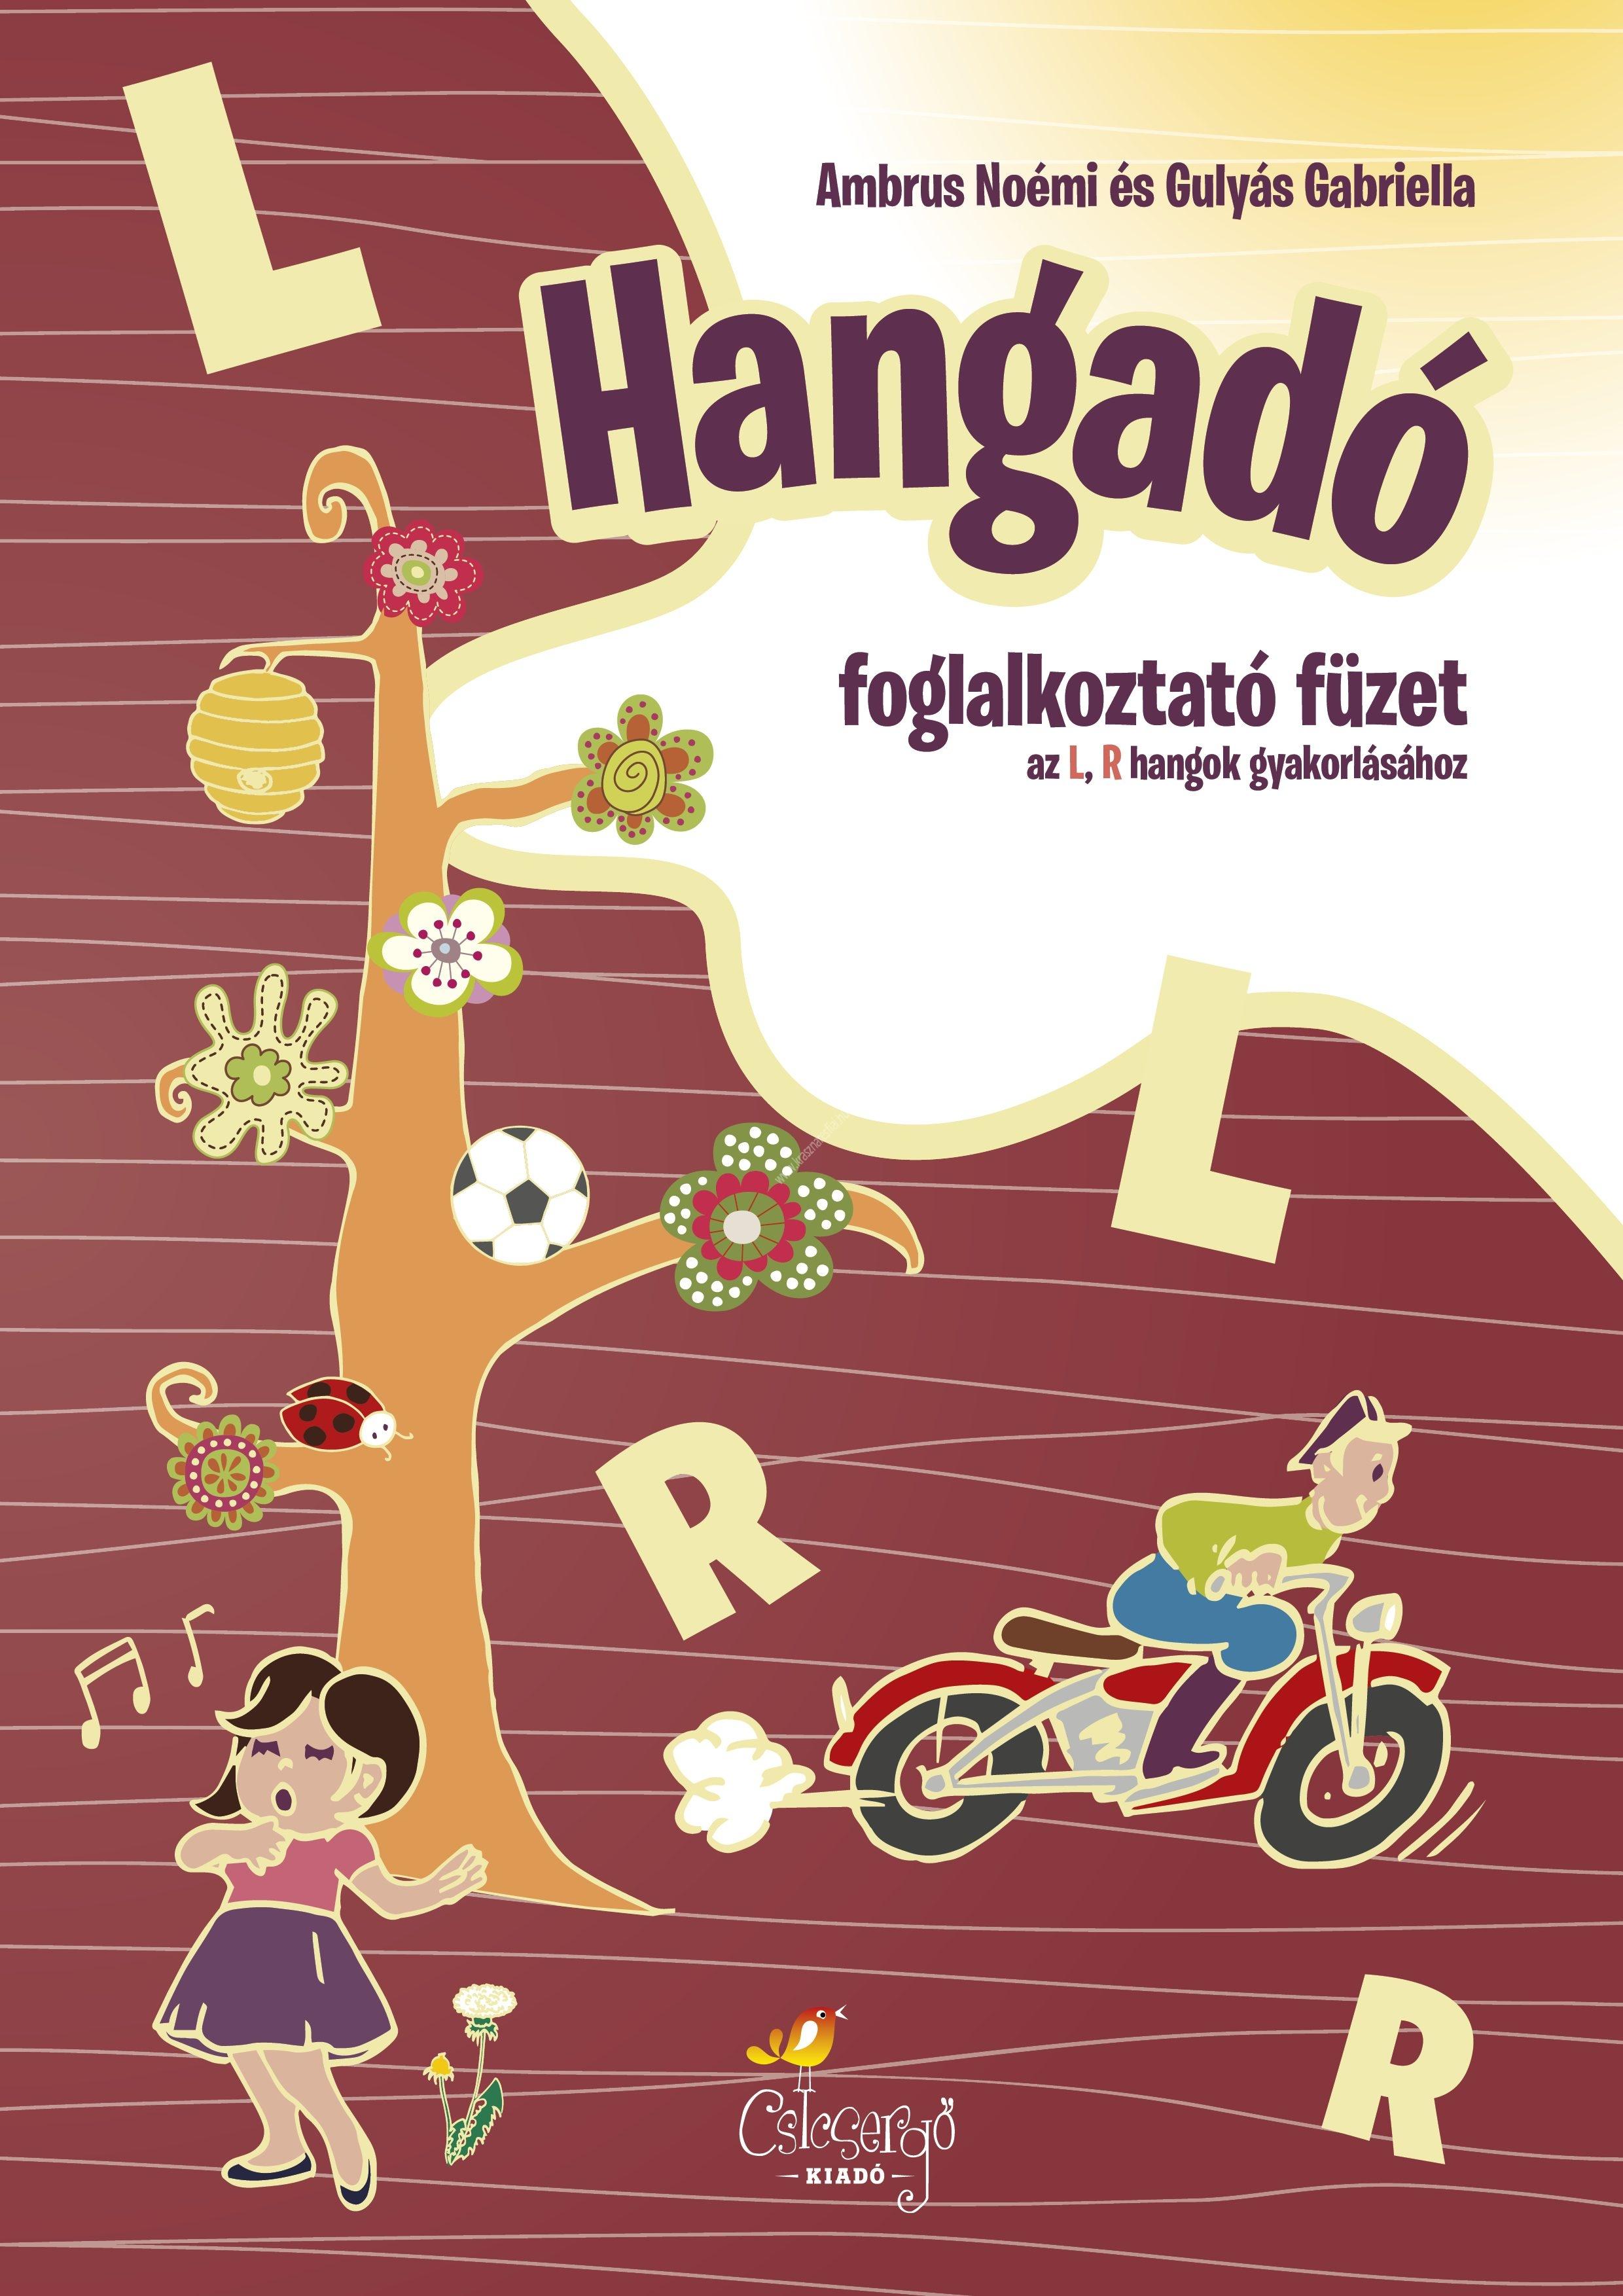 hanagado-foglalkoztato-r-l-hangok-gyakorlasahoz